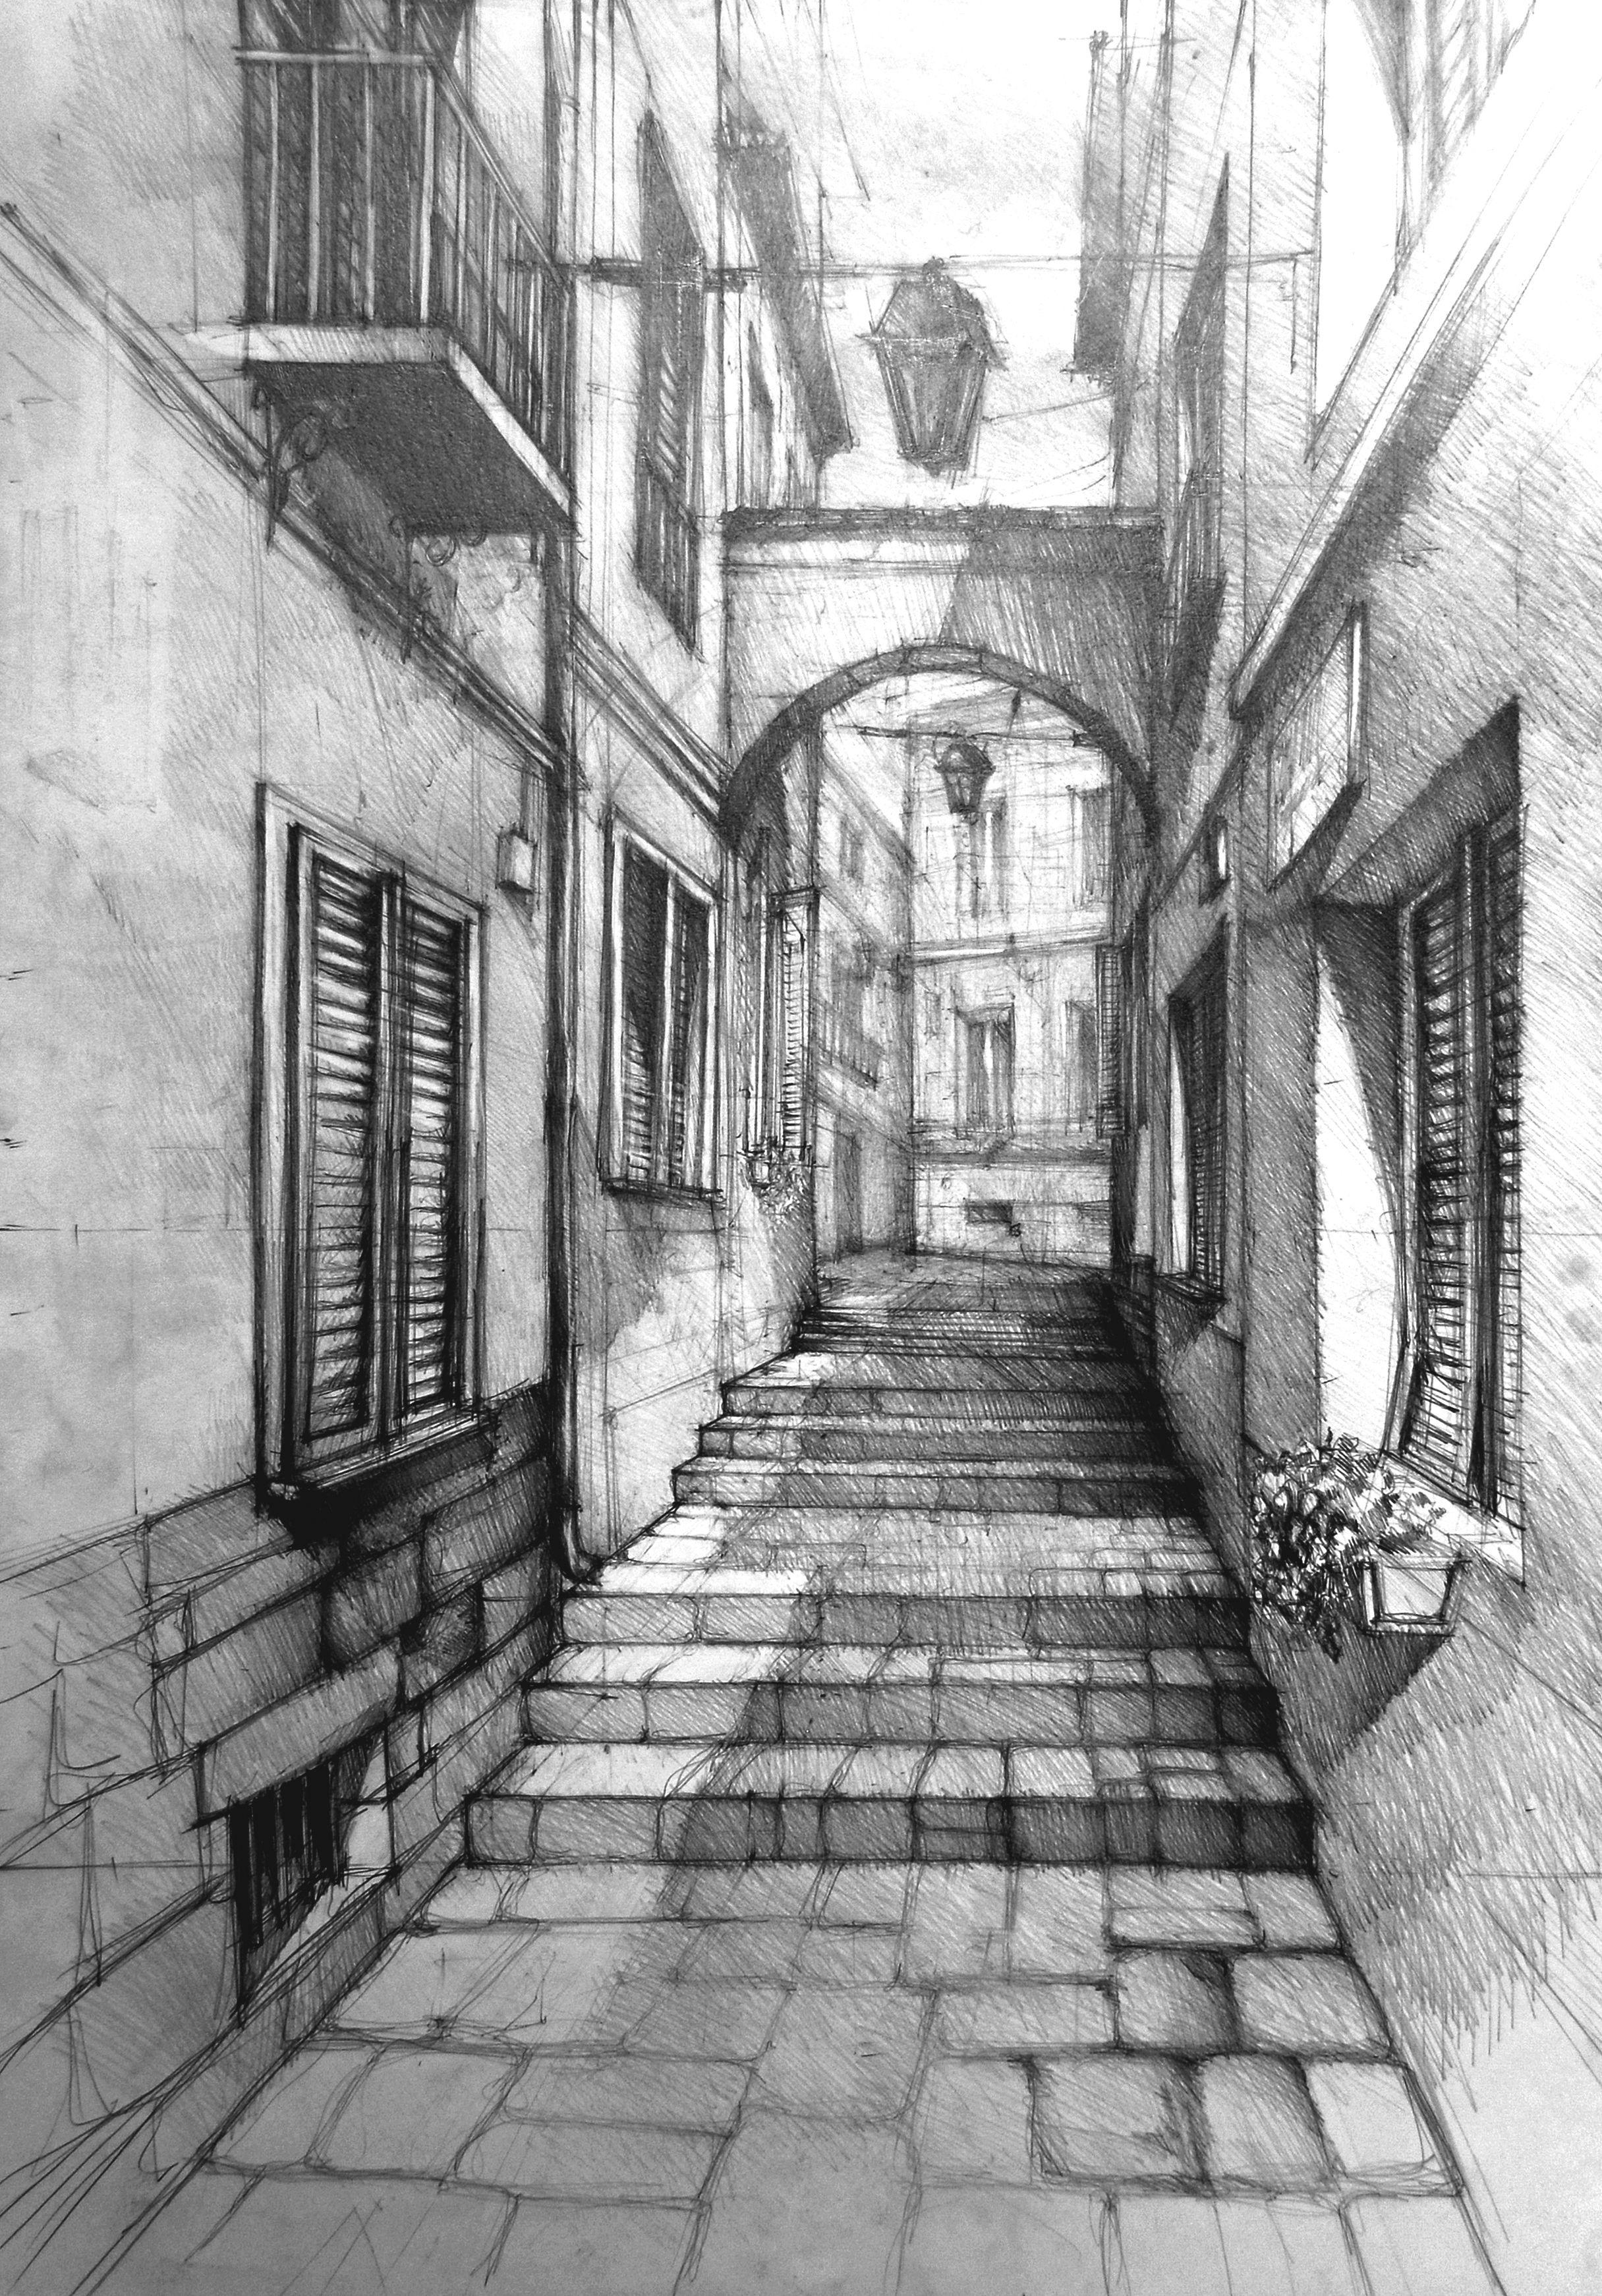 Dessiner Un Paysage En Perspective : dessiner, paysage, perspective, Www.studiorysunku.pl, Perspective, Drawing, Architecture,, Architecture